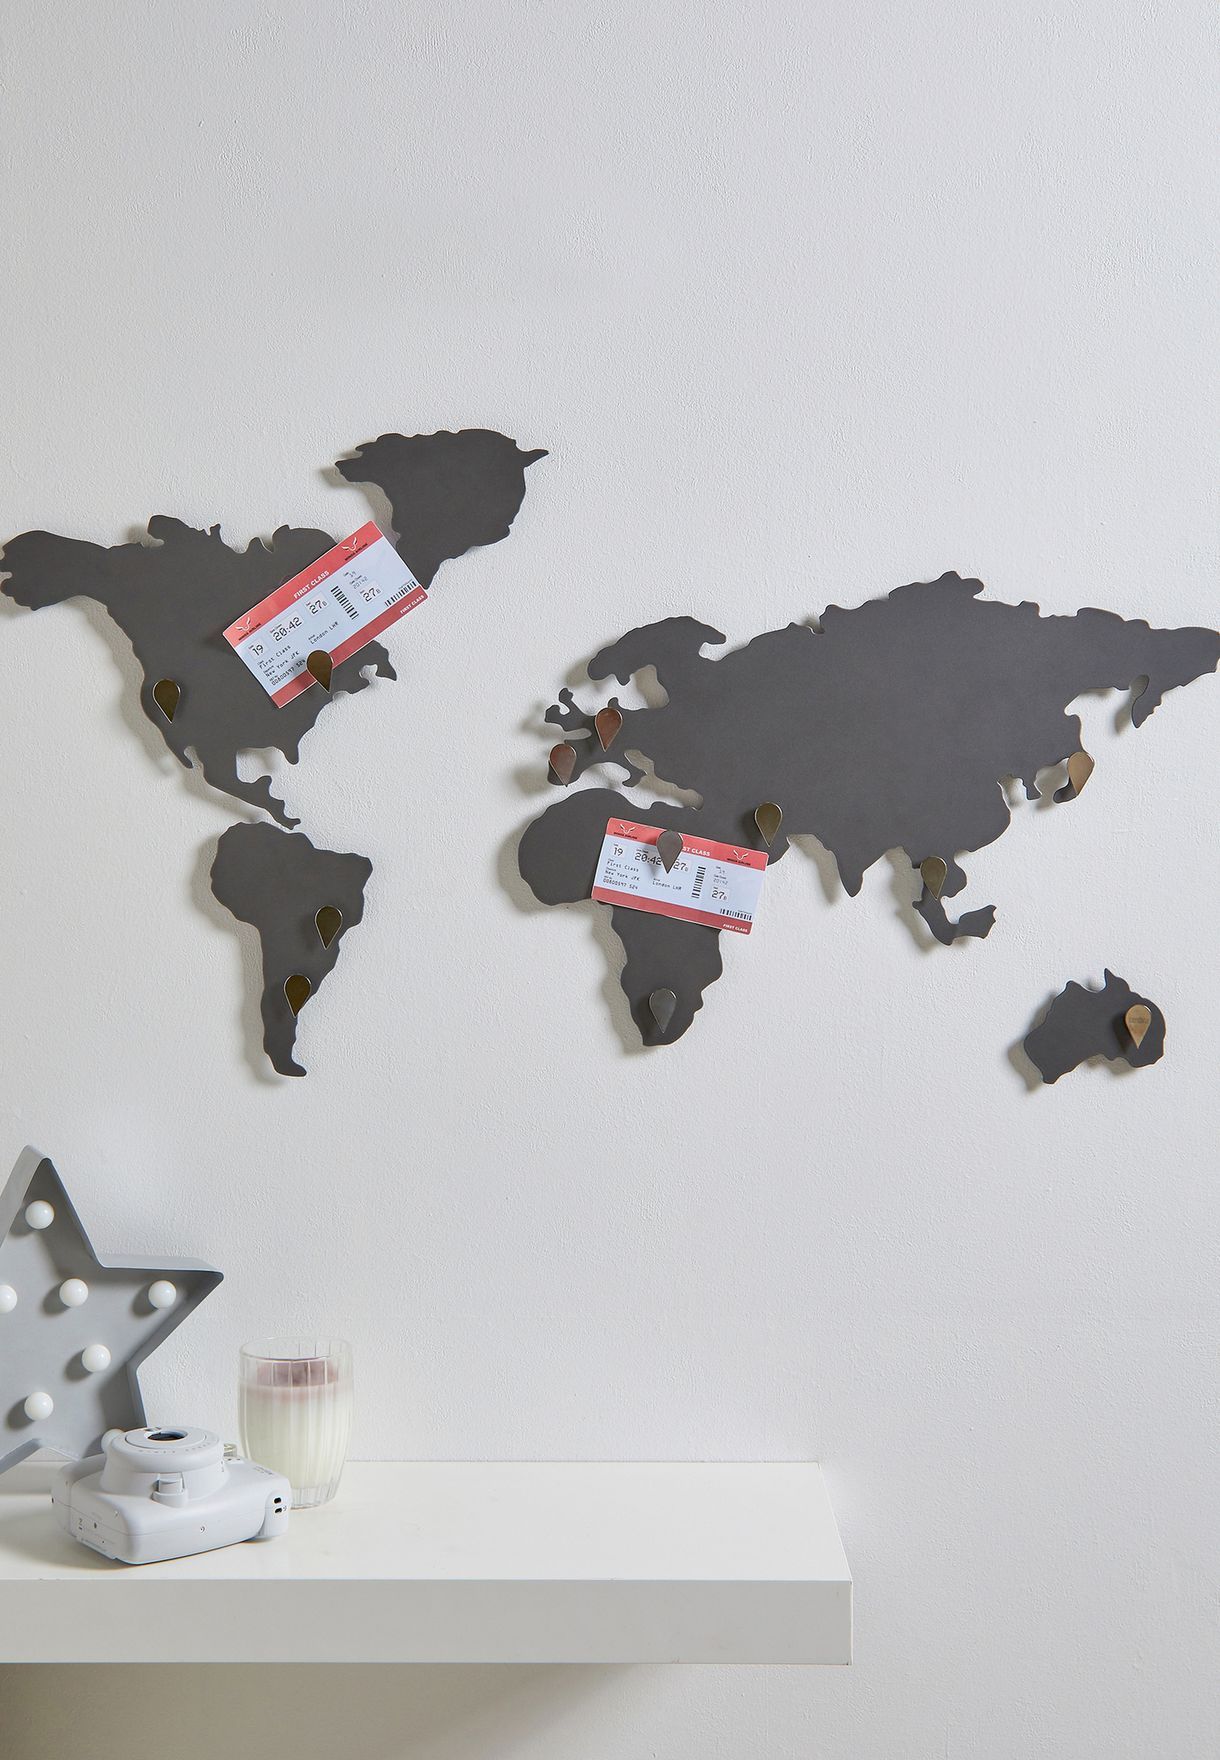 ديكور حائطي بشكل خارطة العالم